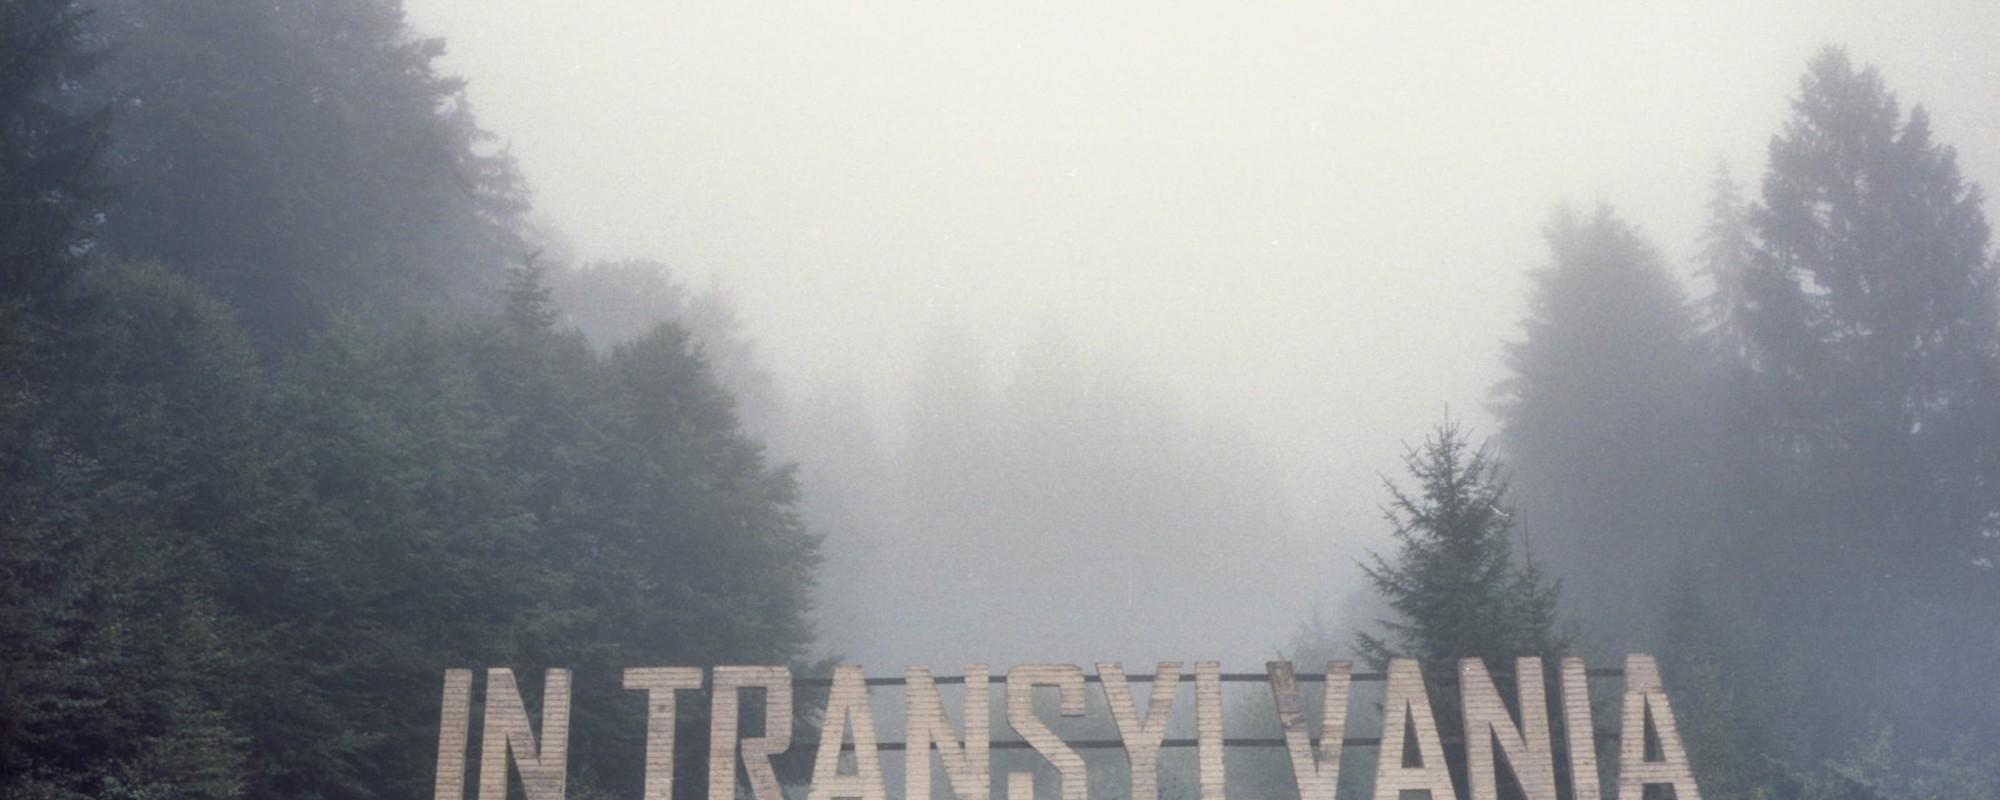 Cum arată festivalul In Transylvania, în ochiul furtunii